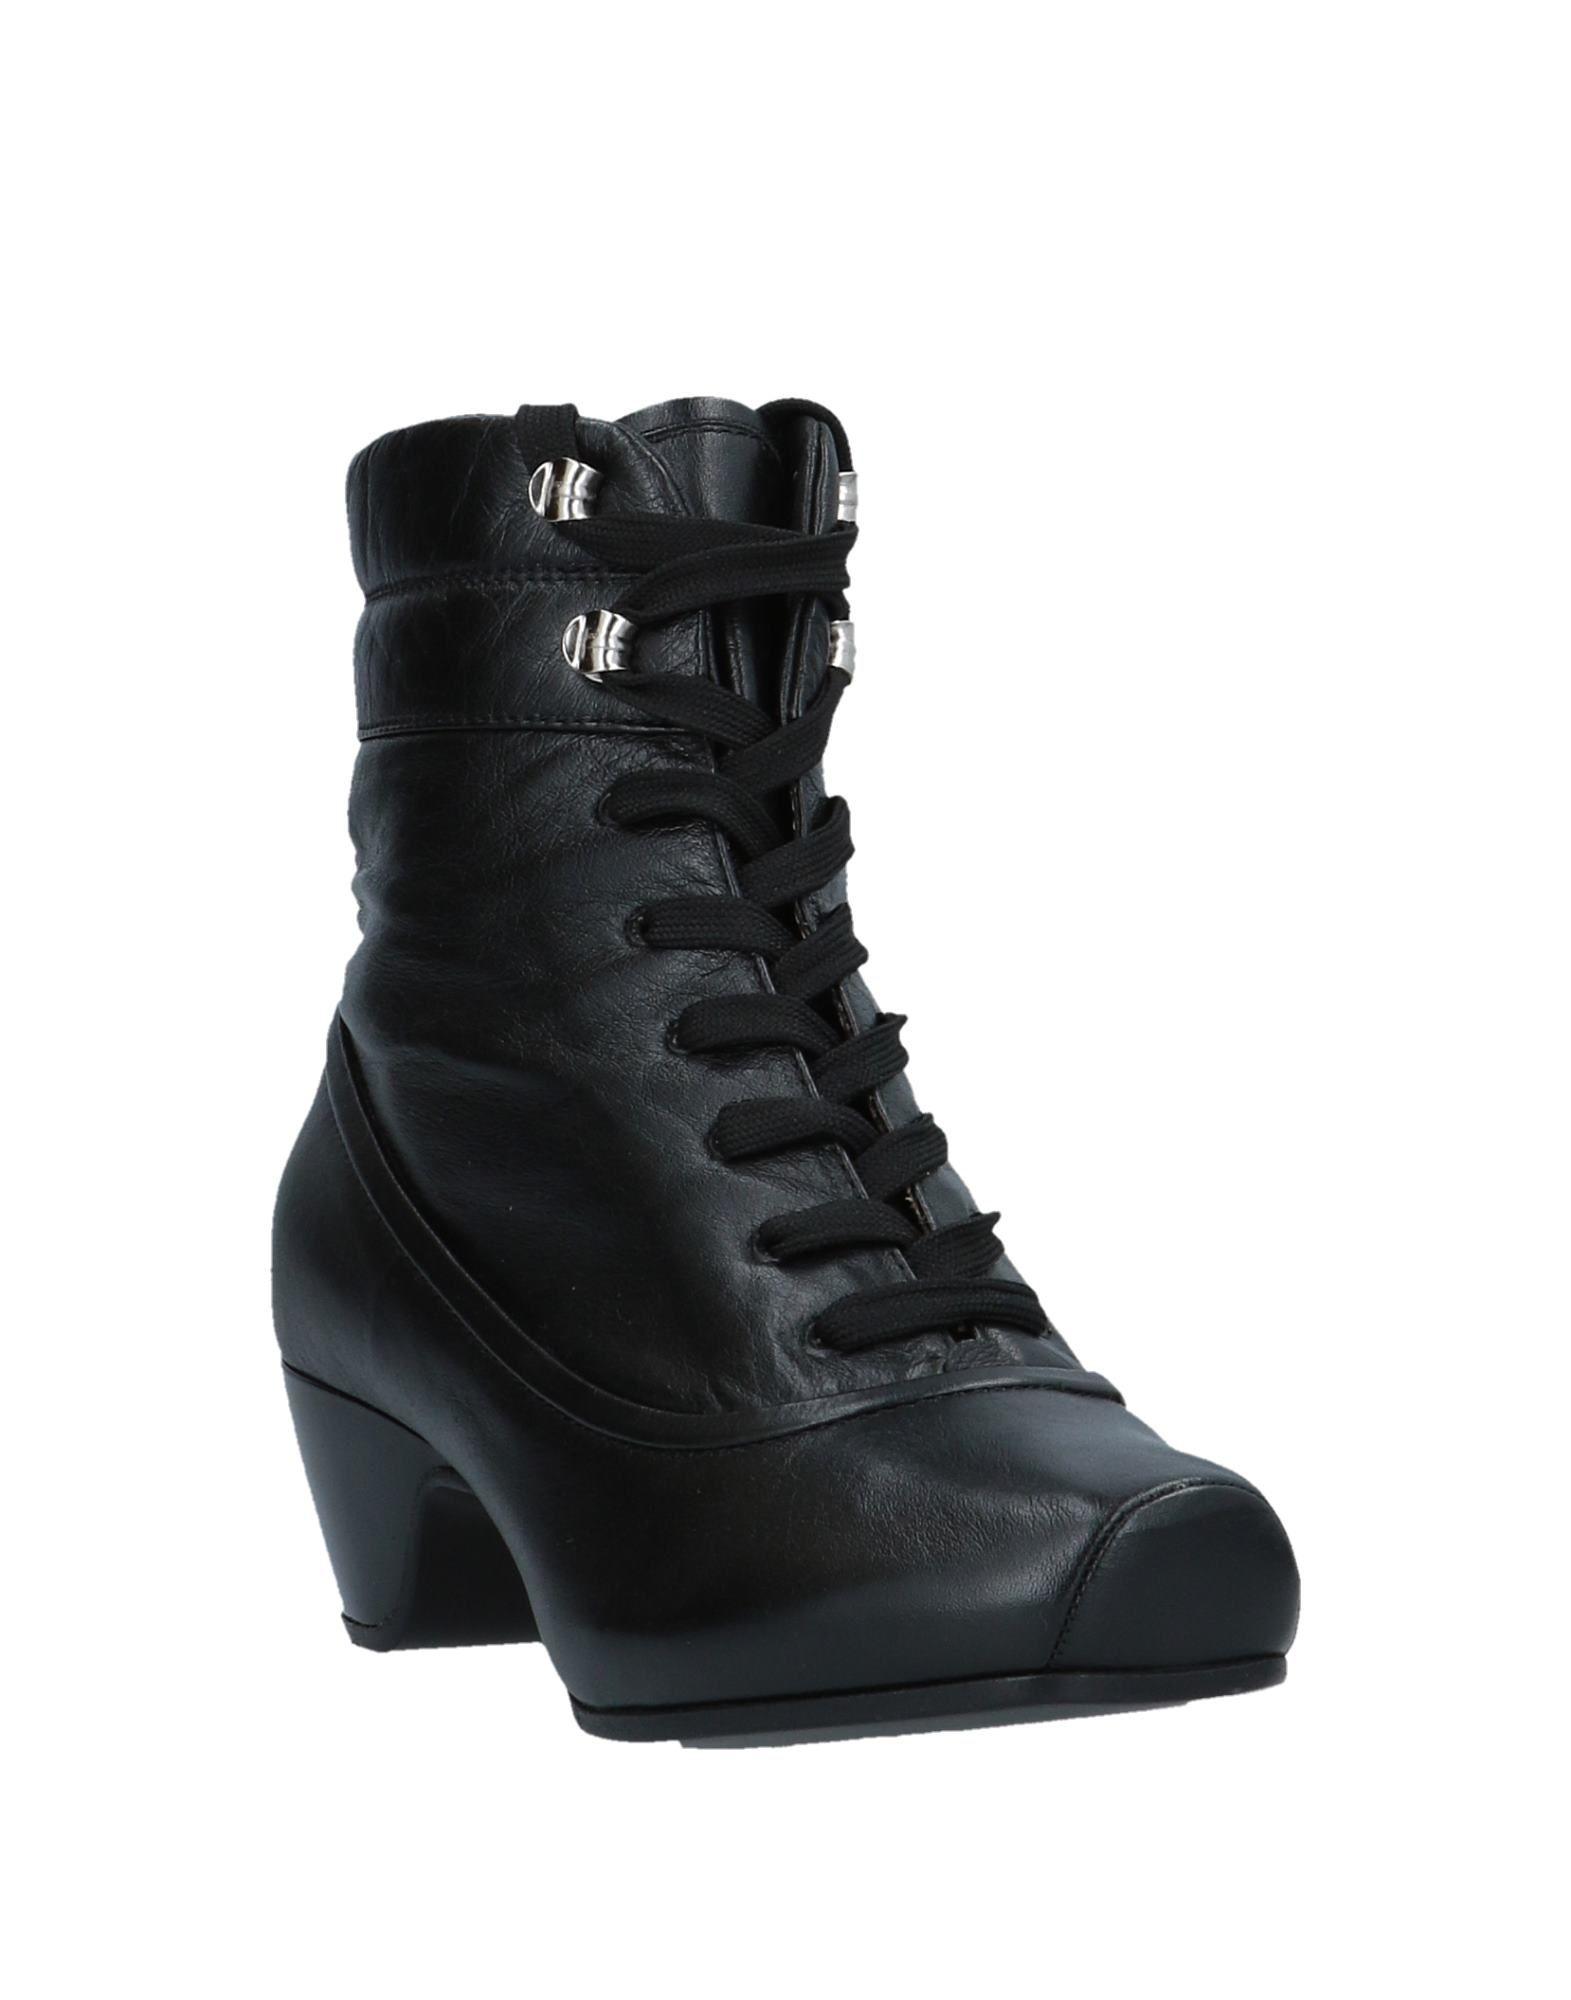 Rabatt Schuhe Marc By  Marc Jacobs Stiefelette Damen  By 11536567BQ 4fcb14